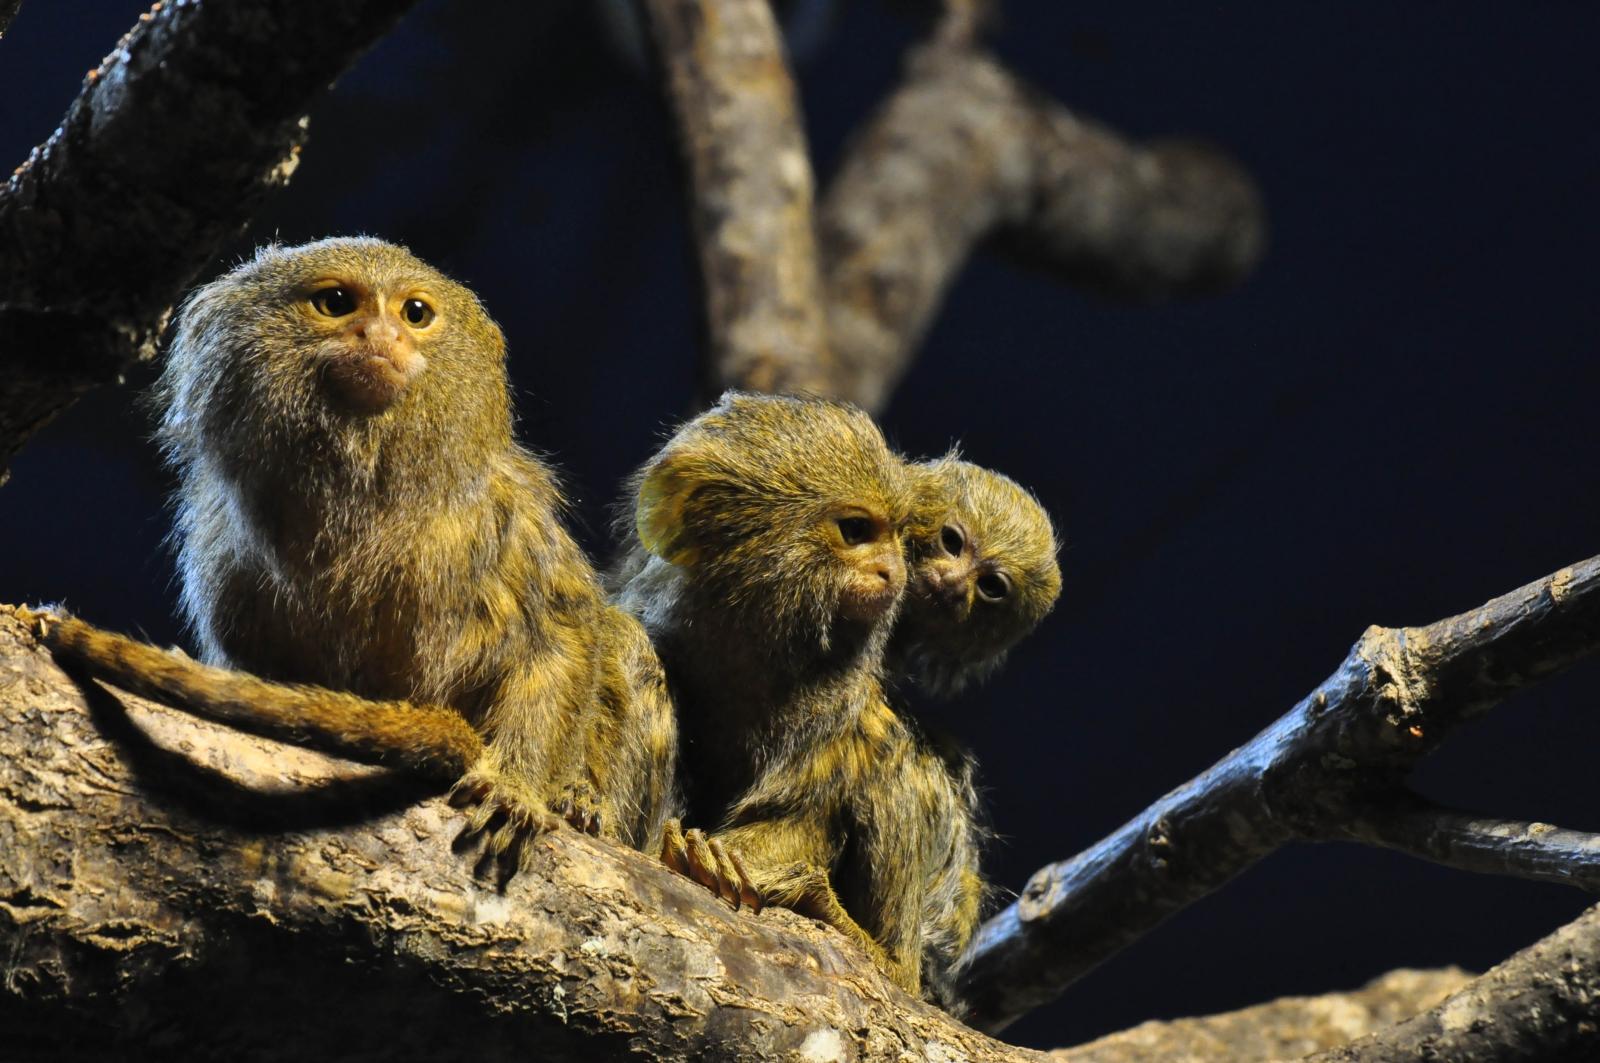 Marmoset monkeys Sweden Zoo